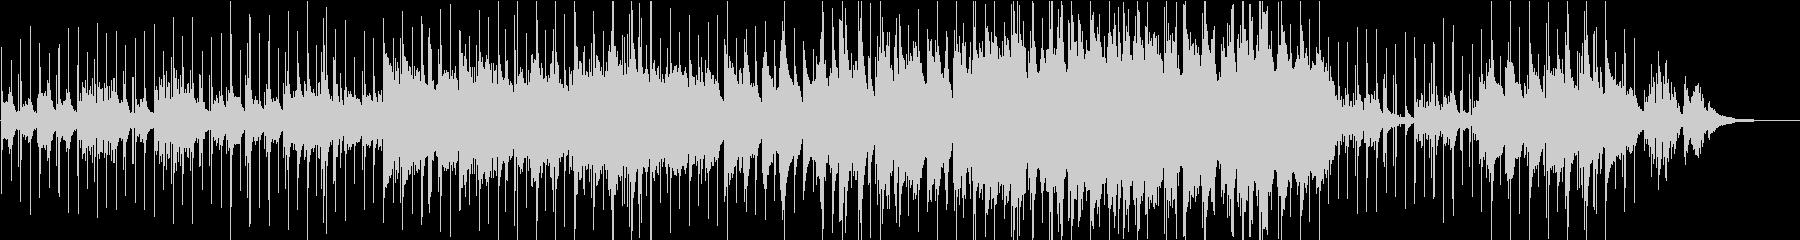 冬・星・雪 ヒーリング系ピアノのBGMの未再生の波形